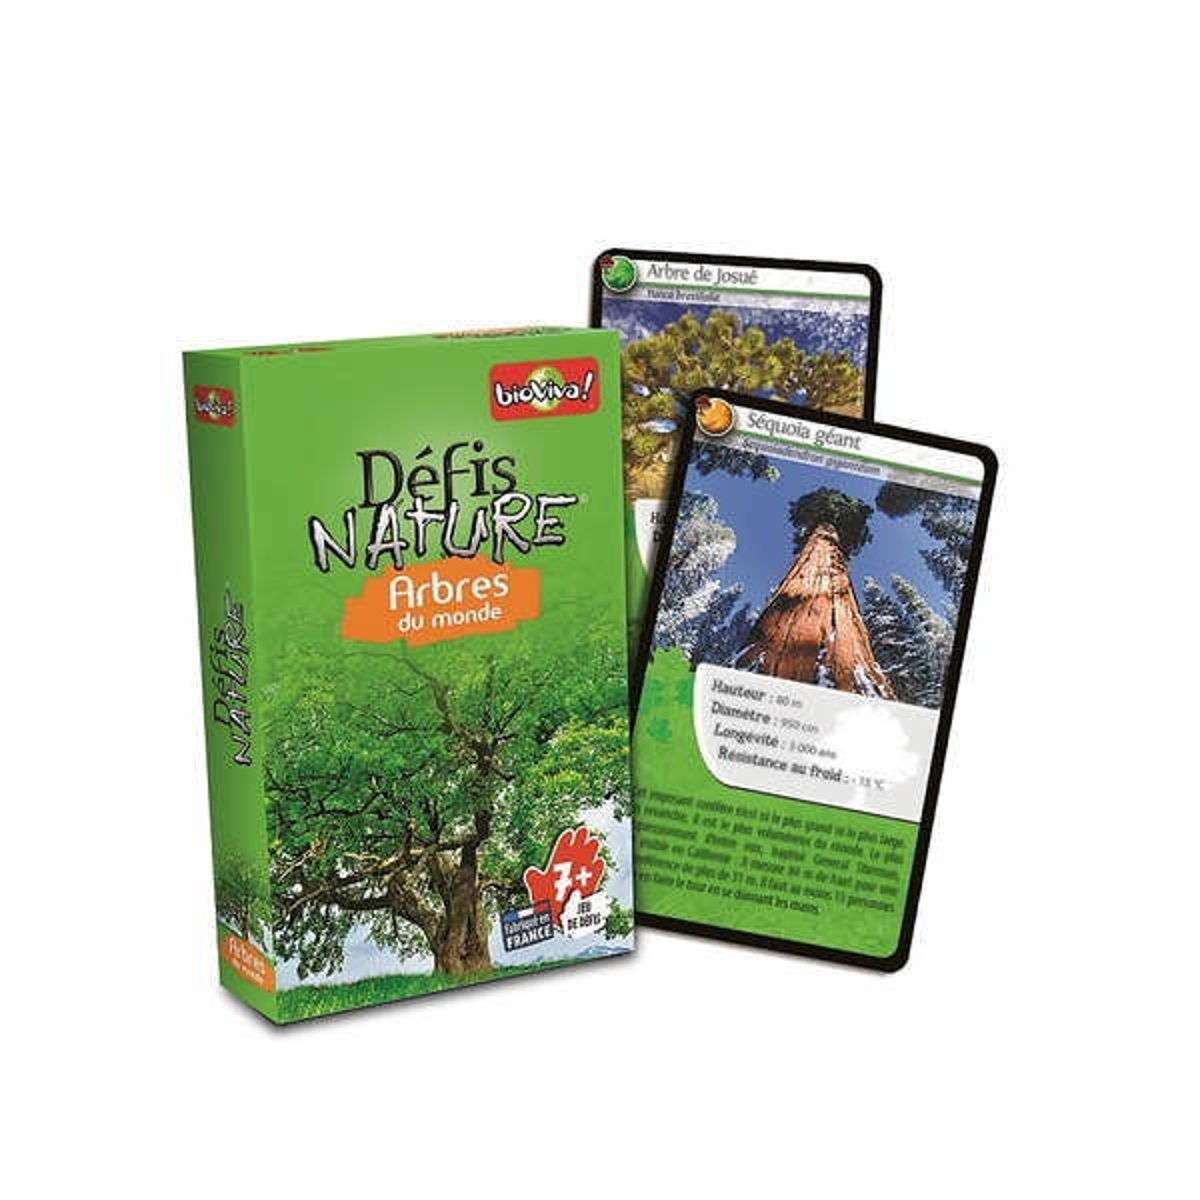 Bioviva - Defis nature arbres du monde